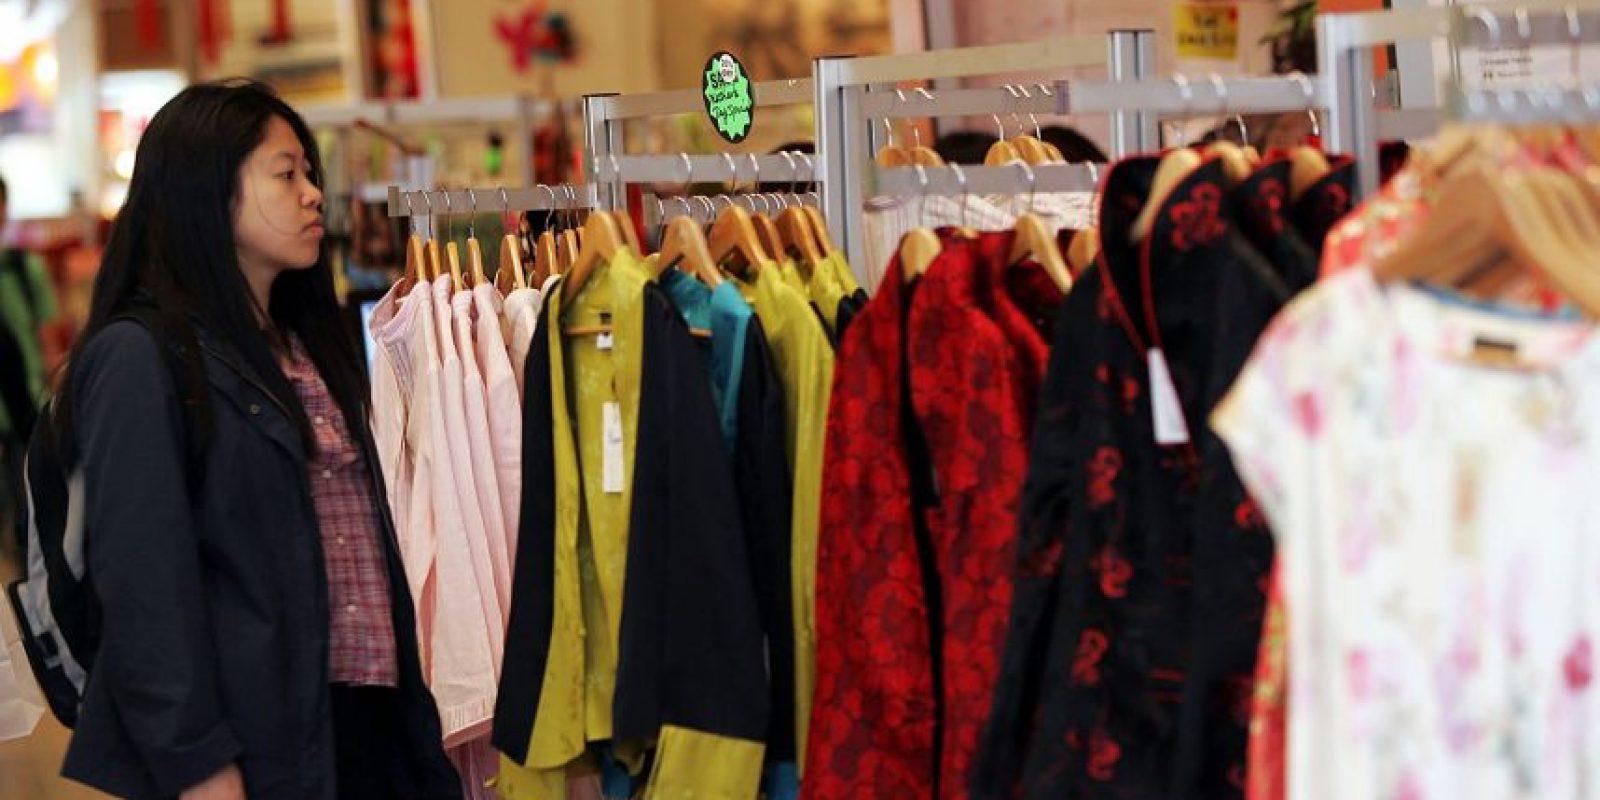 Los personal shoppers acercan a las personas asustadas por la moda, a tener otra experiencia. Foto: GettyImages